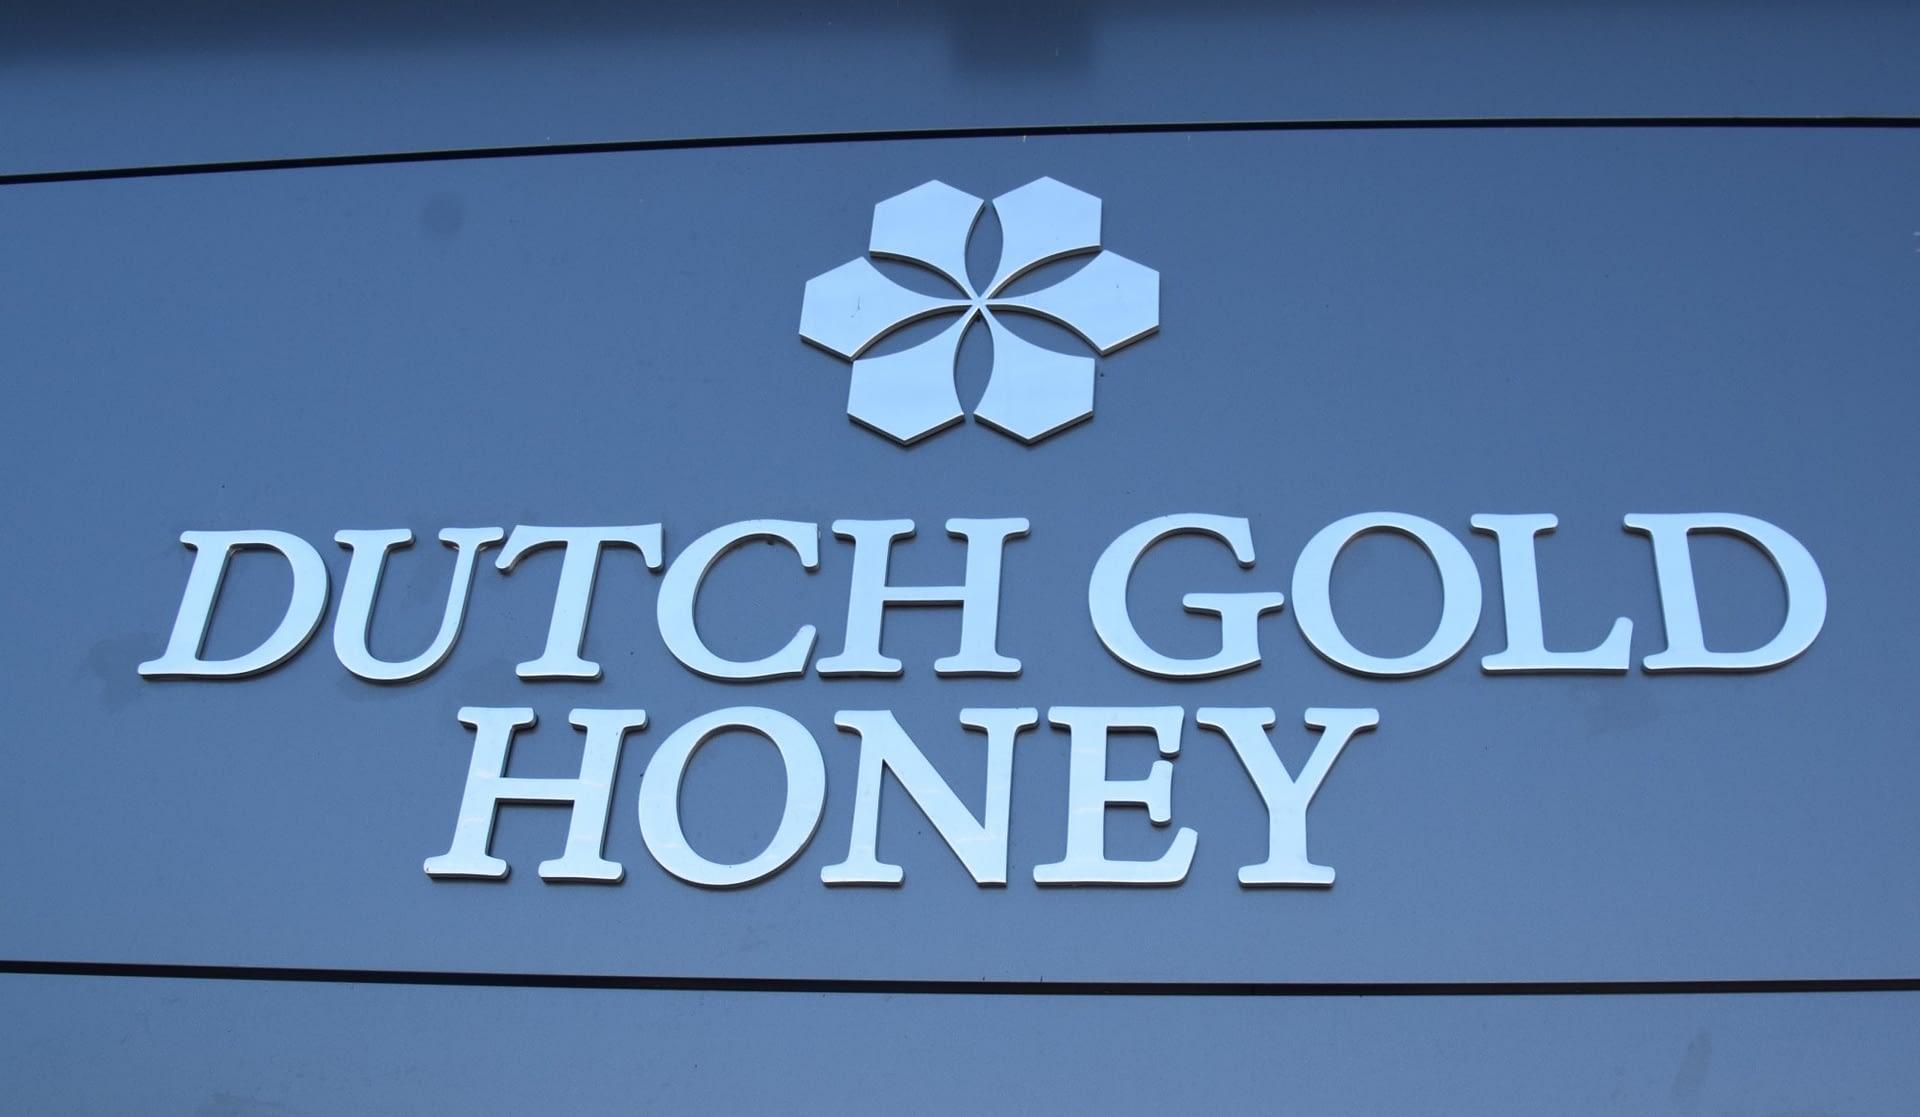 Dutch Gold Honey - Exterior 1